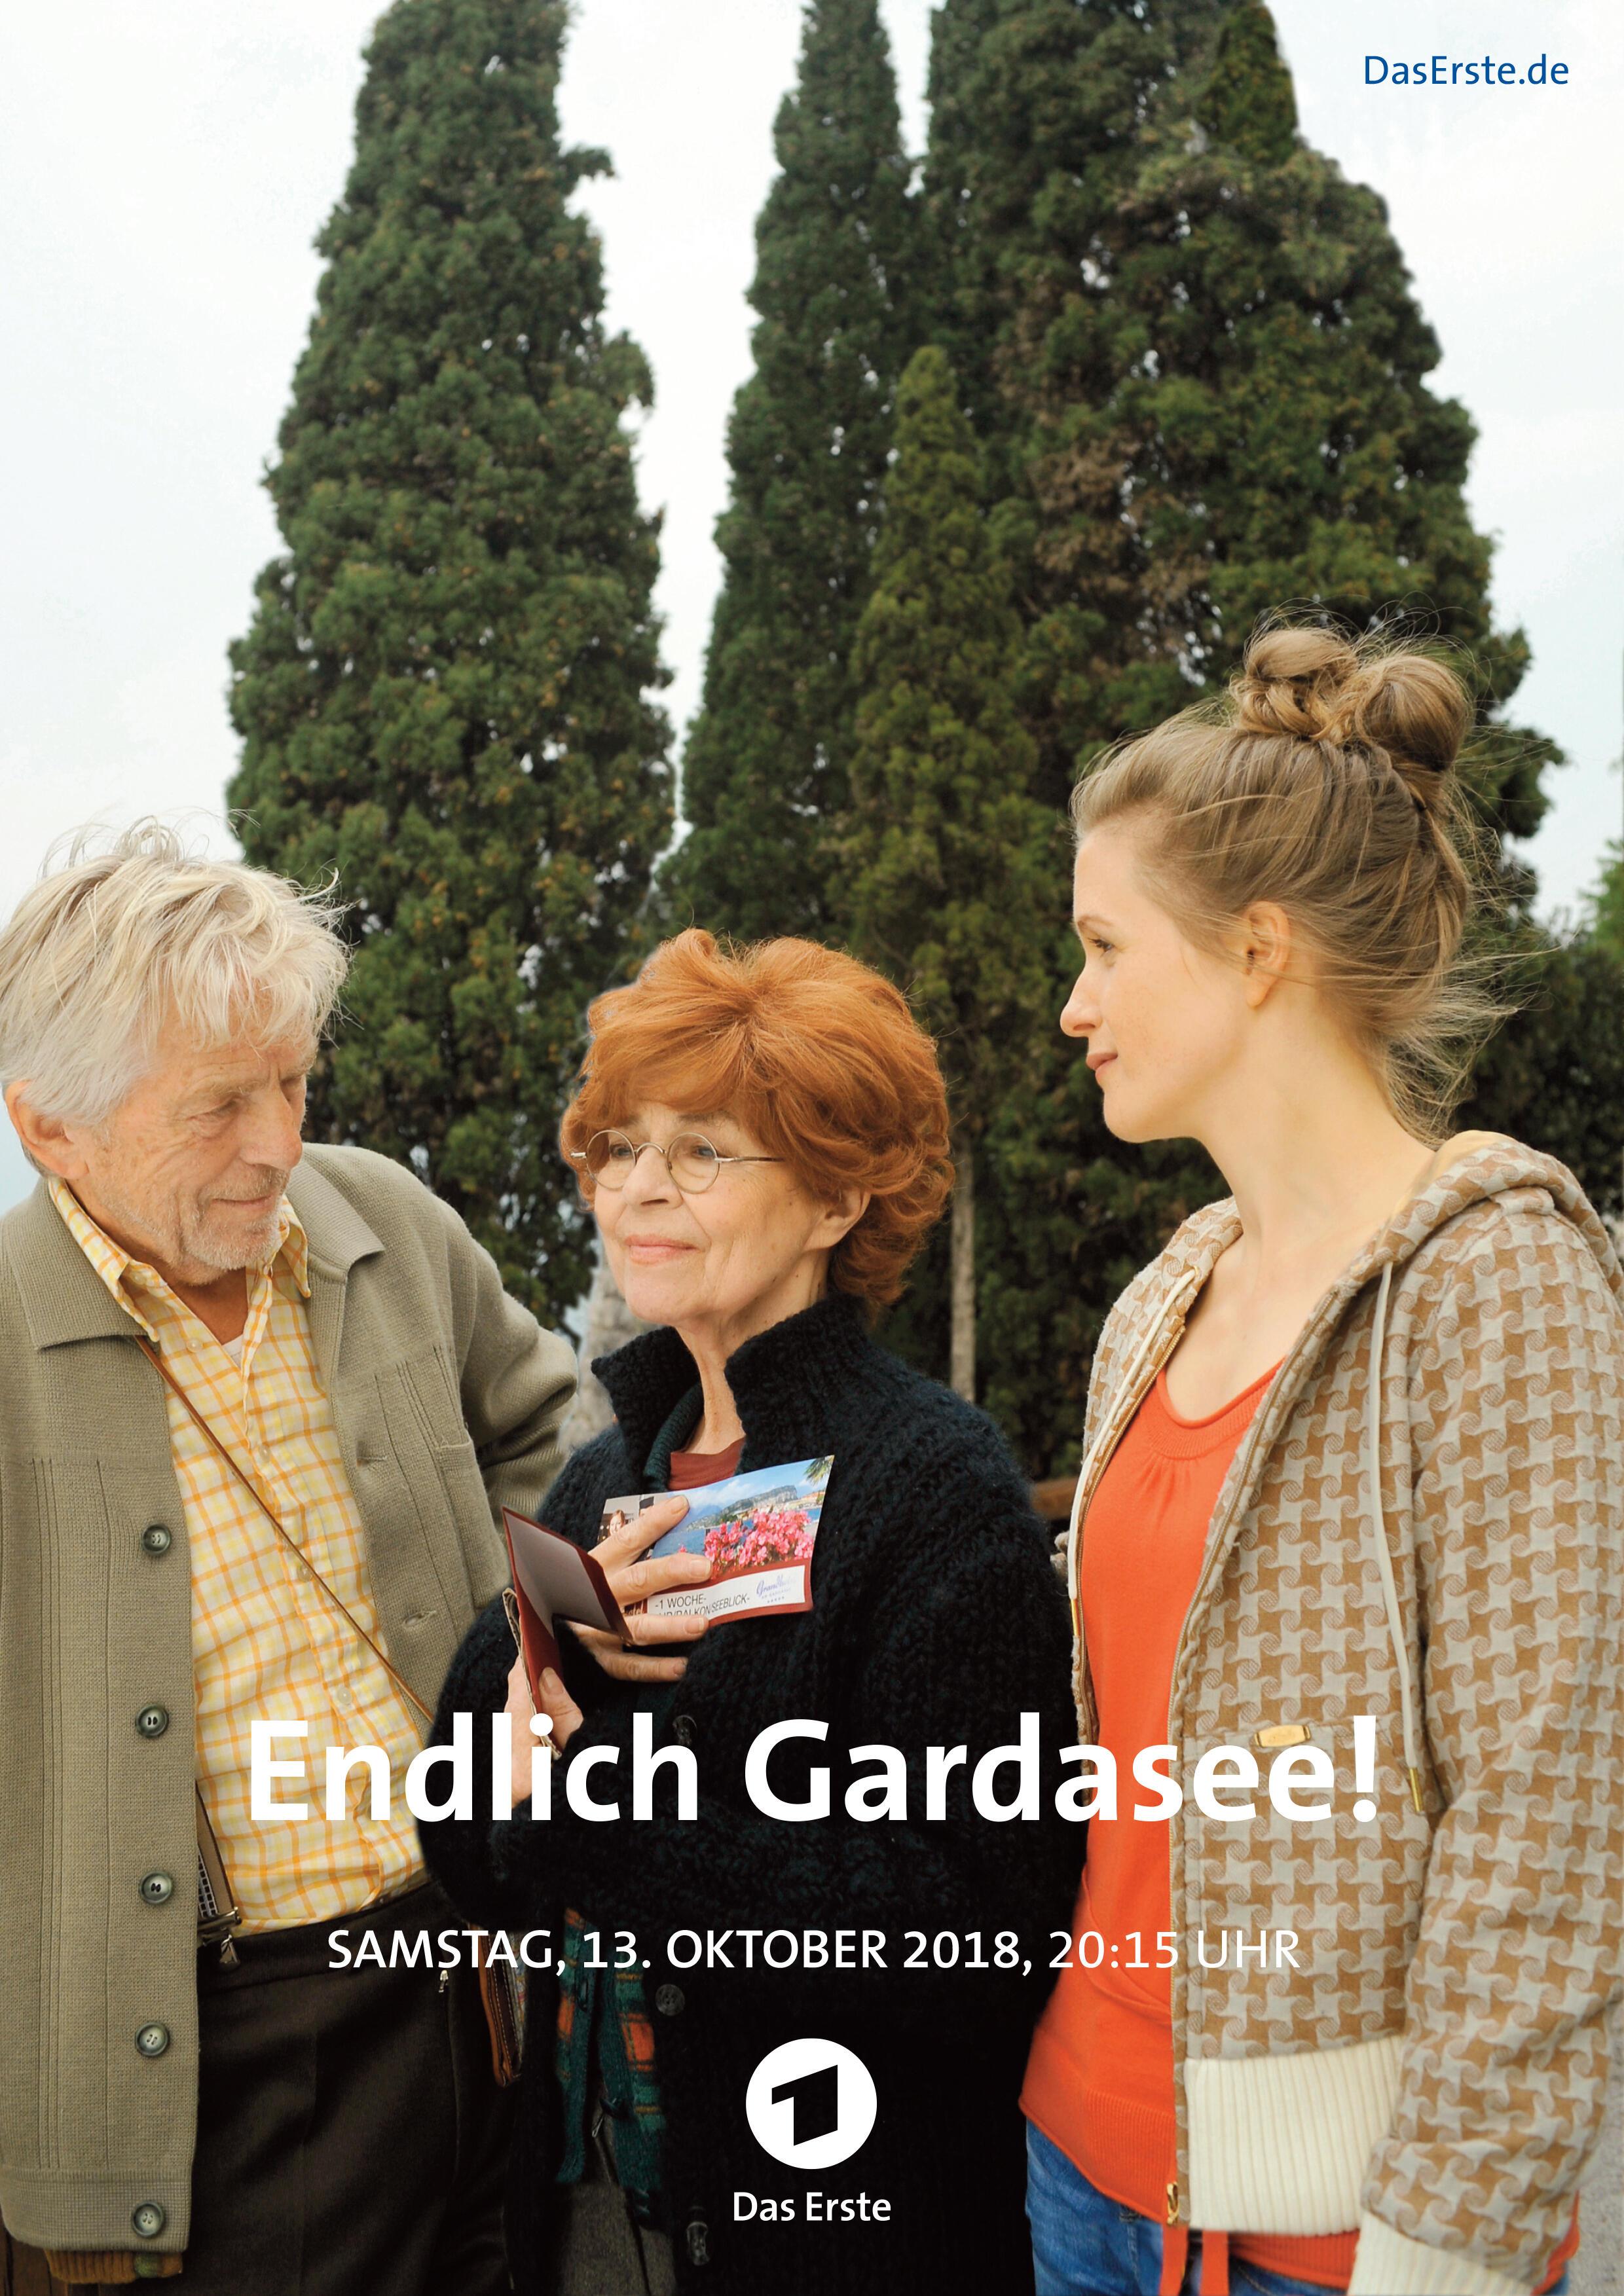 Endlich Gardasee Film